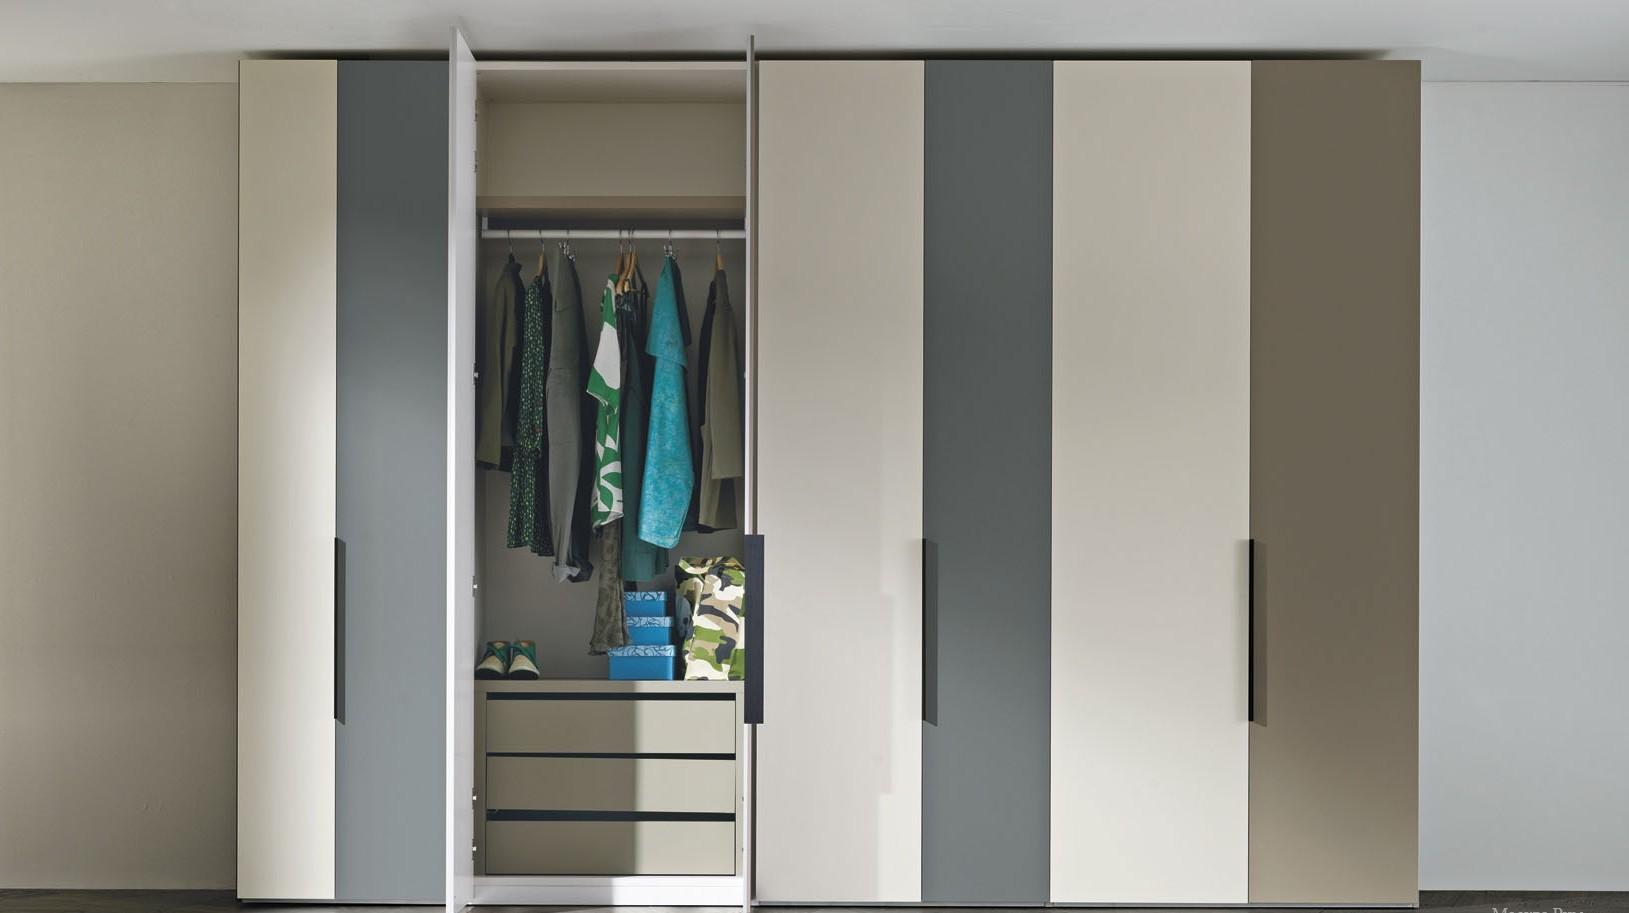 armoire à balançoire dans la conception de couloir